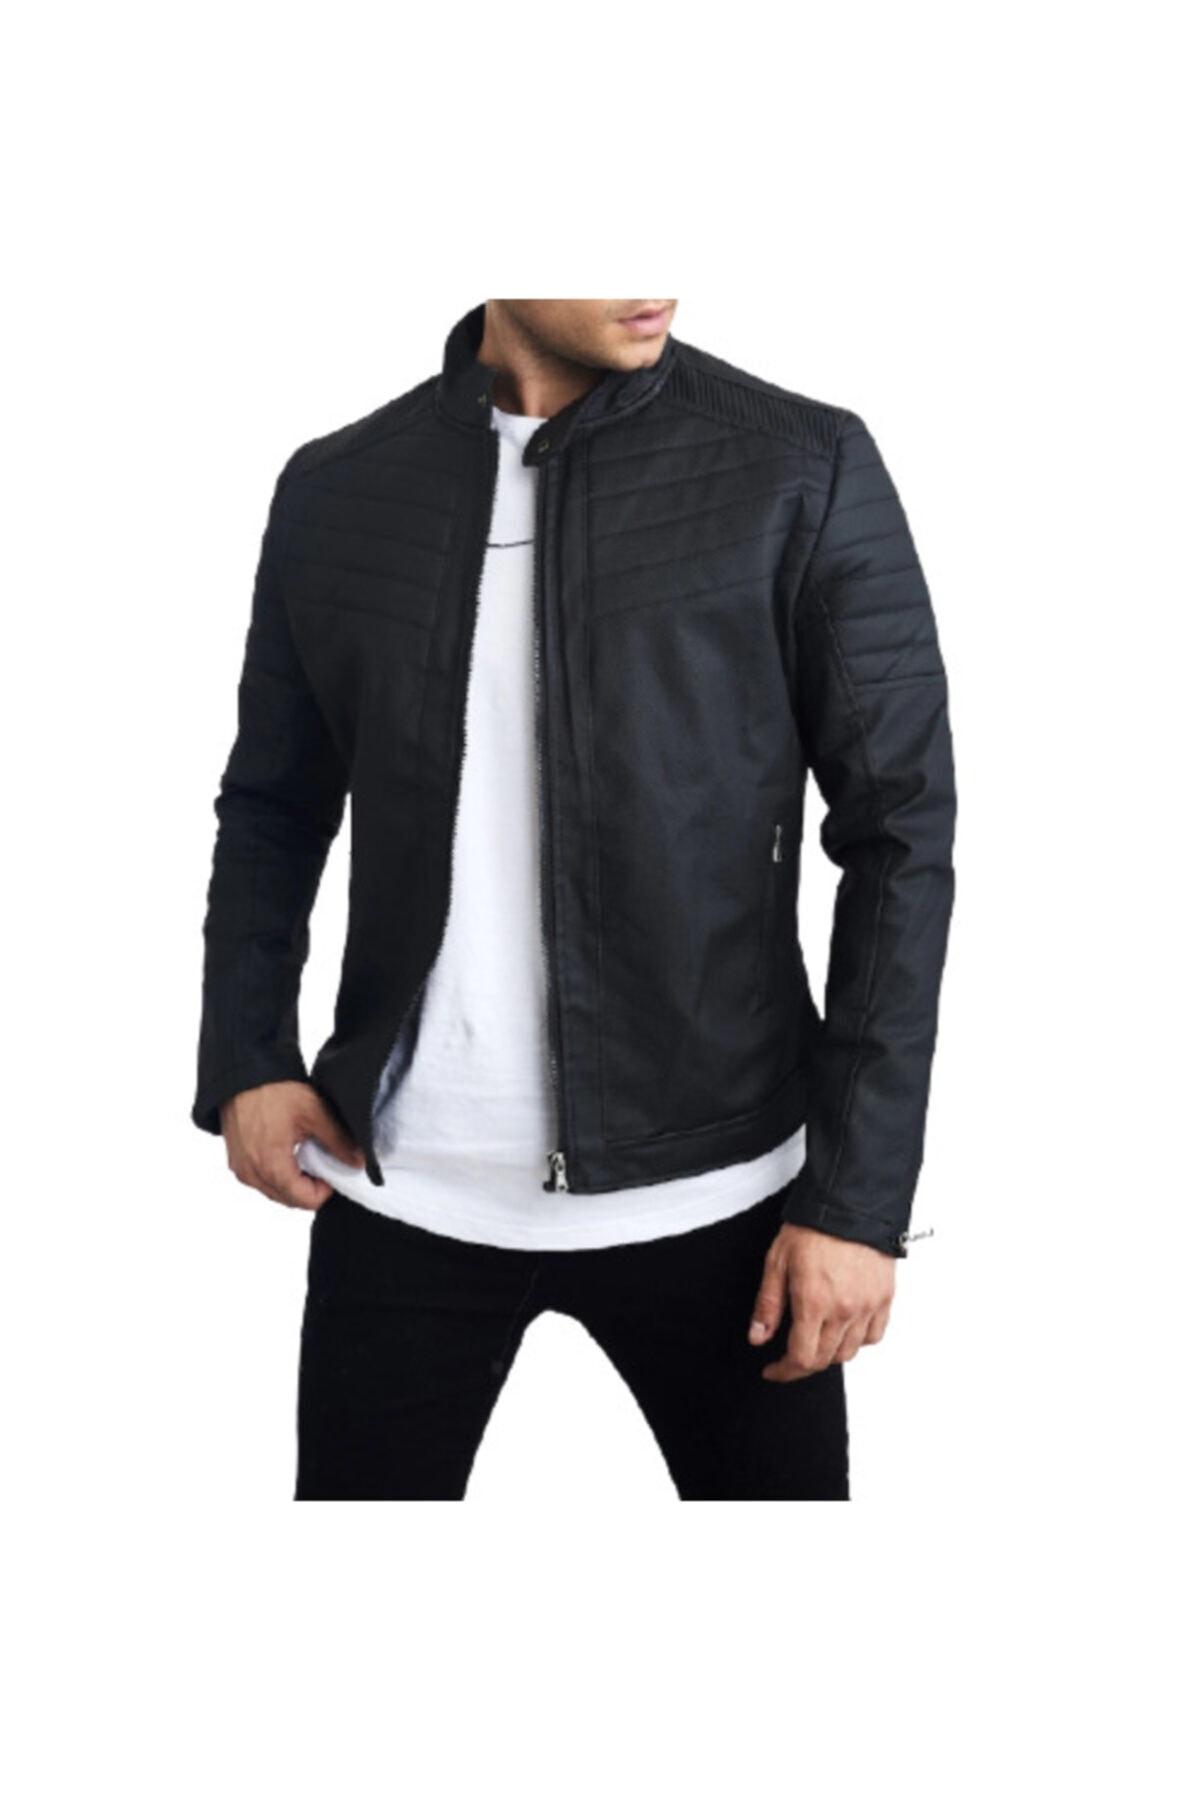 ژاکت چرم مردانه نخ پنبه برند DCS COLLECTION رنگ مشکی کد ty45745786